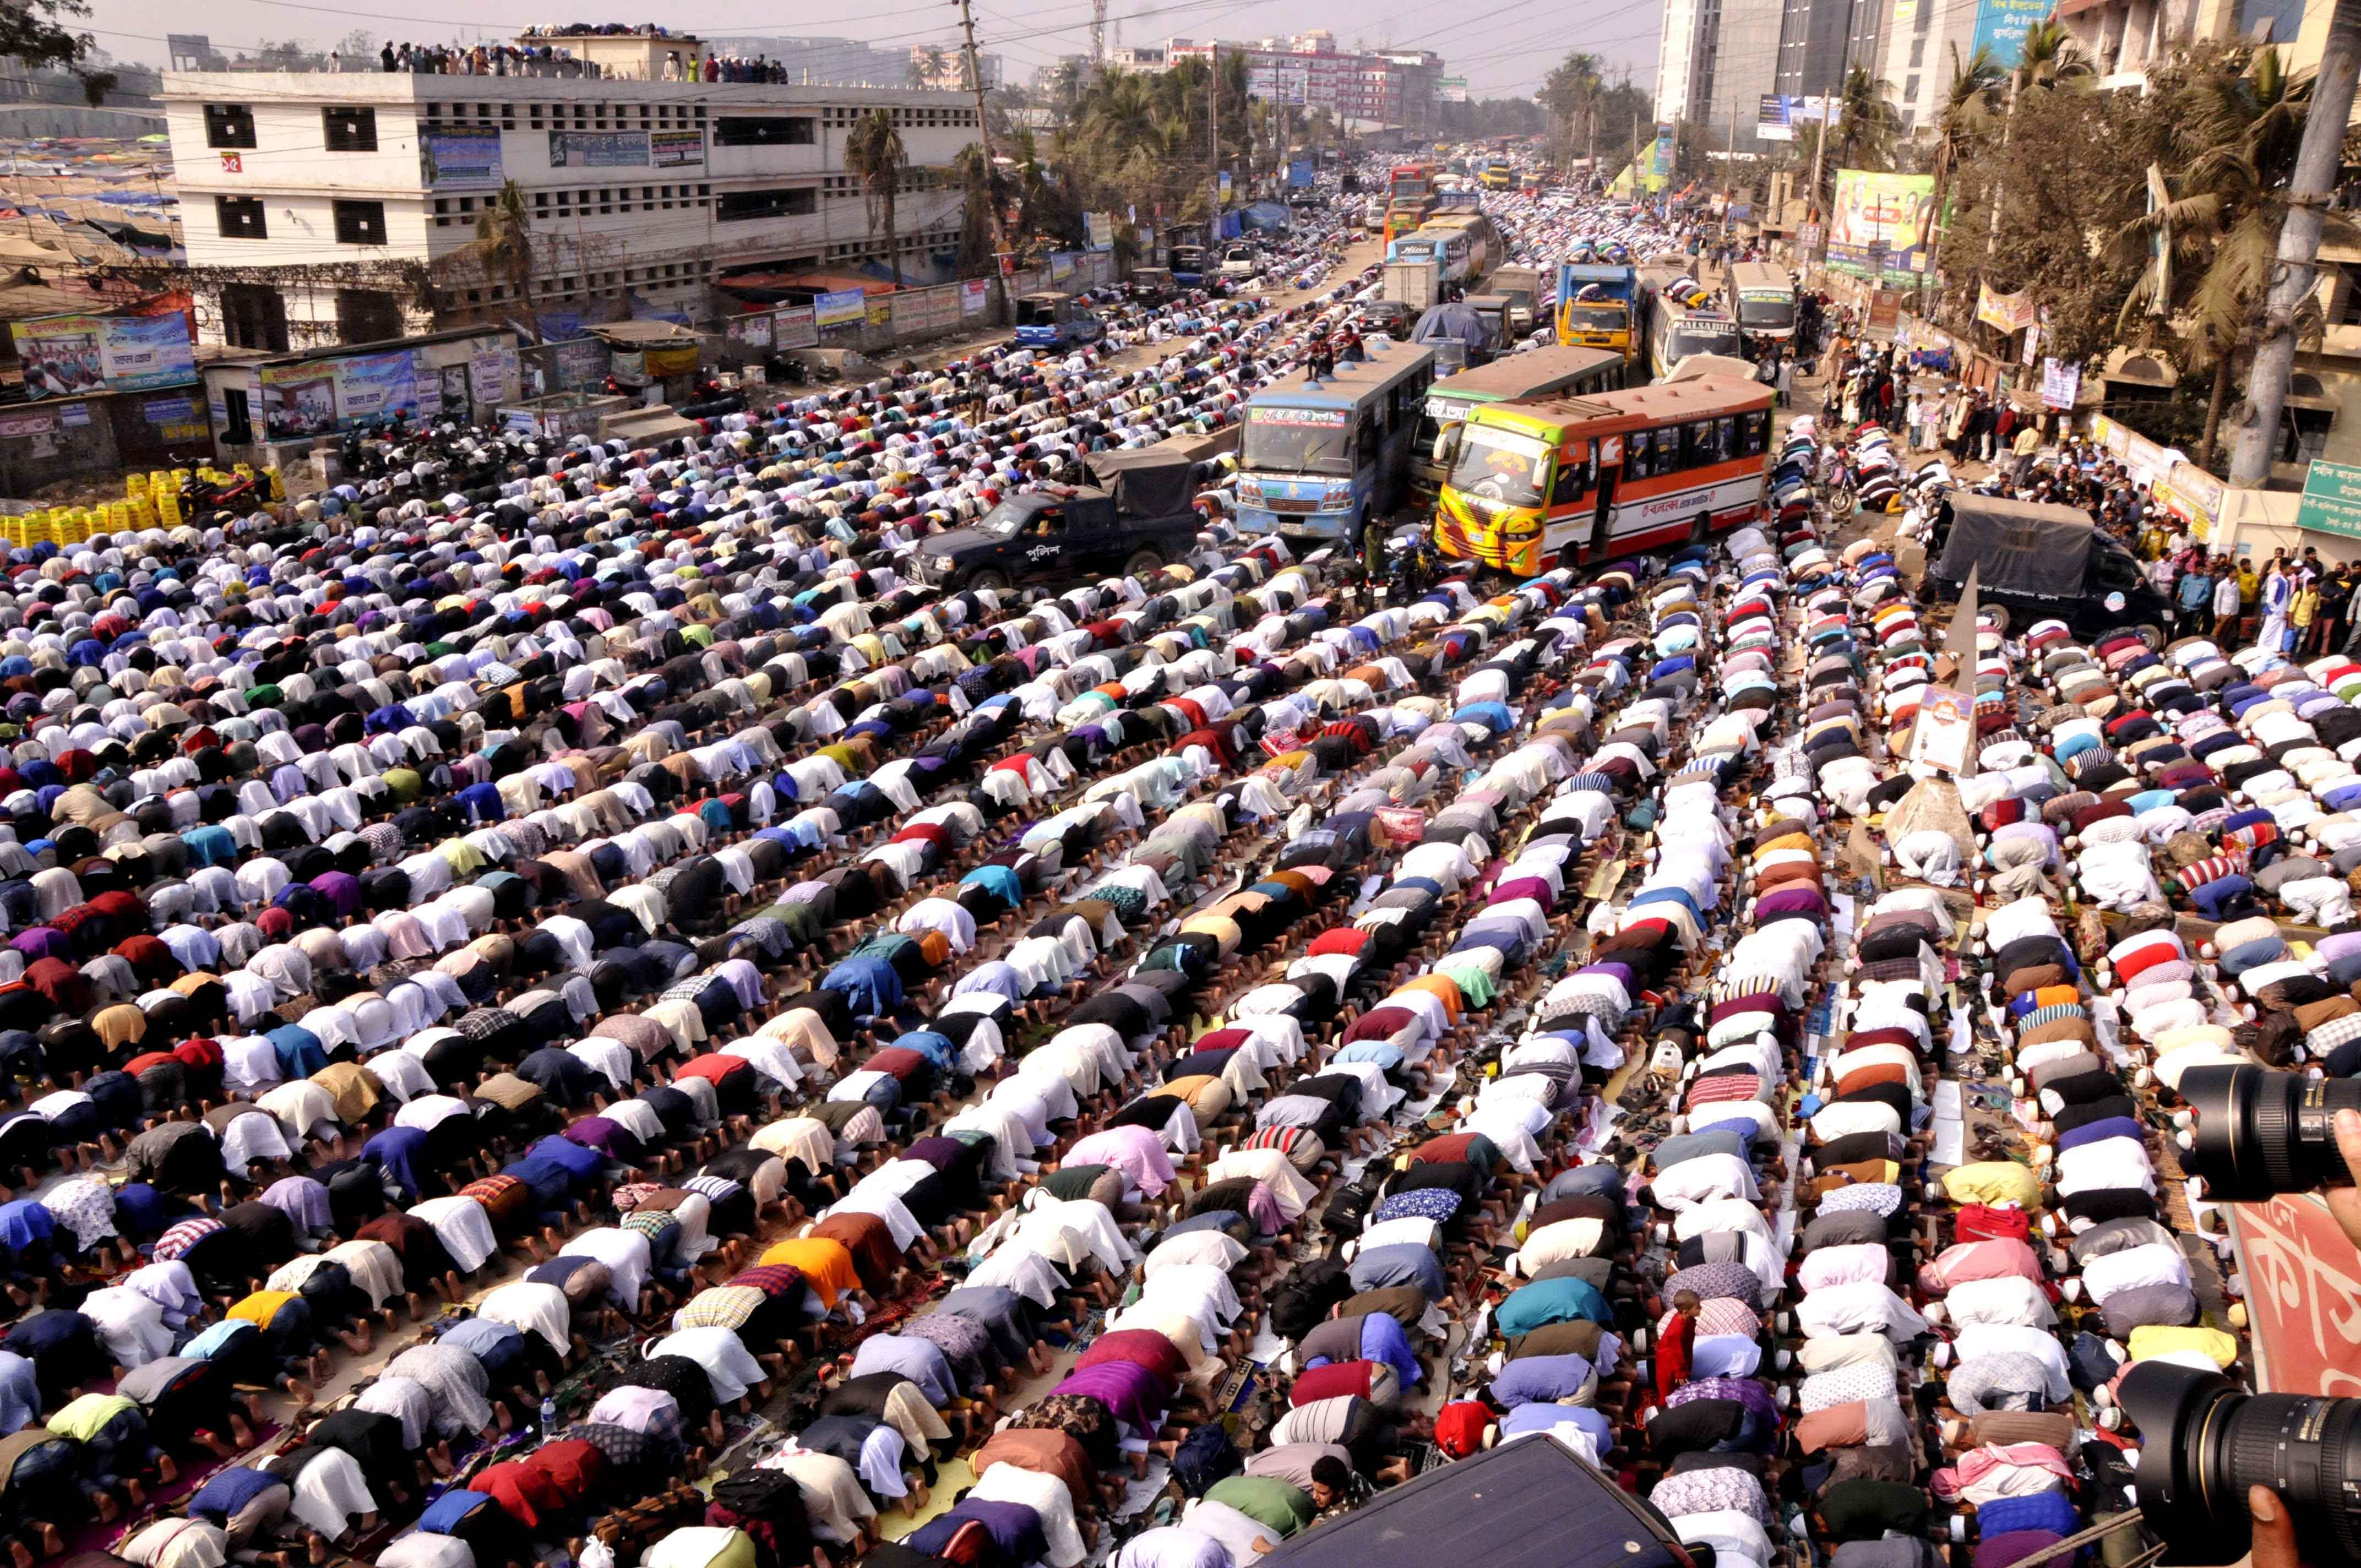 বিশ্ব ইজতেমার প্রথম দিন শুক্রবার টঙ্গীর তুরাগ তীরে জুমার নামাজে লাখো মানুষ --সাইফুল ইসলাম